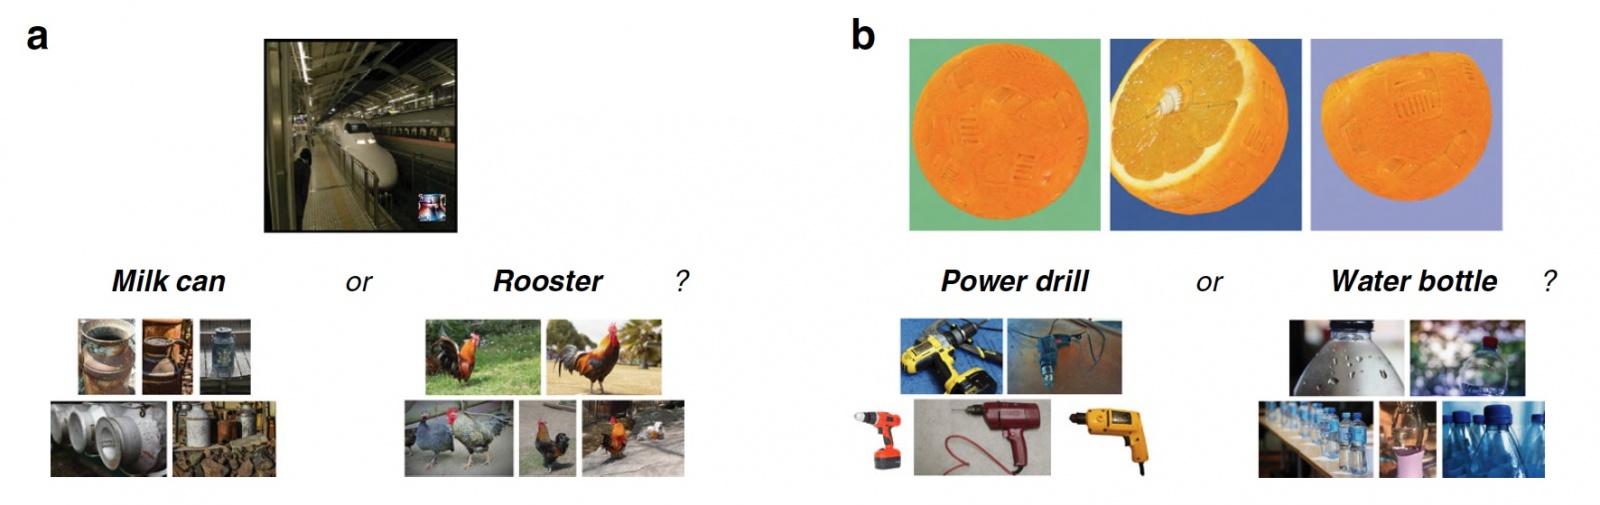 Машинное зрение vs интуиция человека: алгоритмы нарушения работы программ распознавания объектов - 6